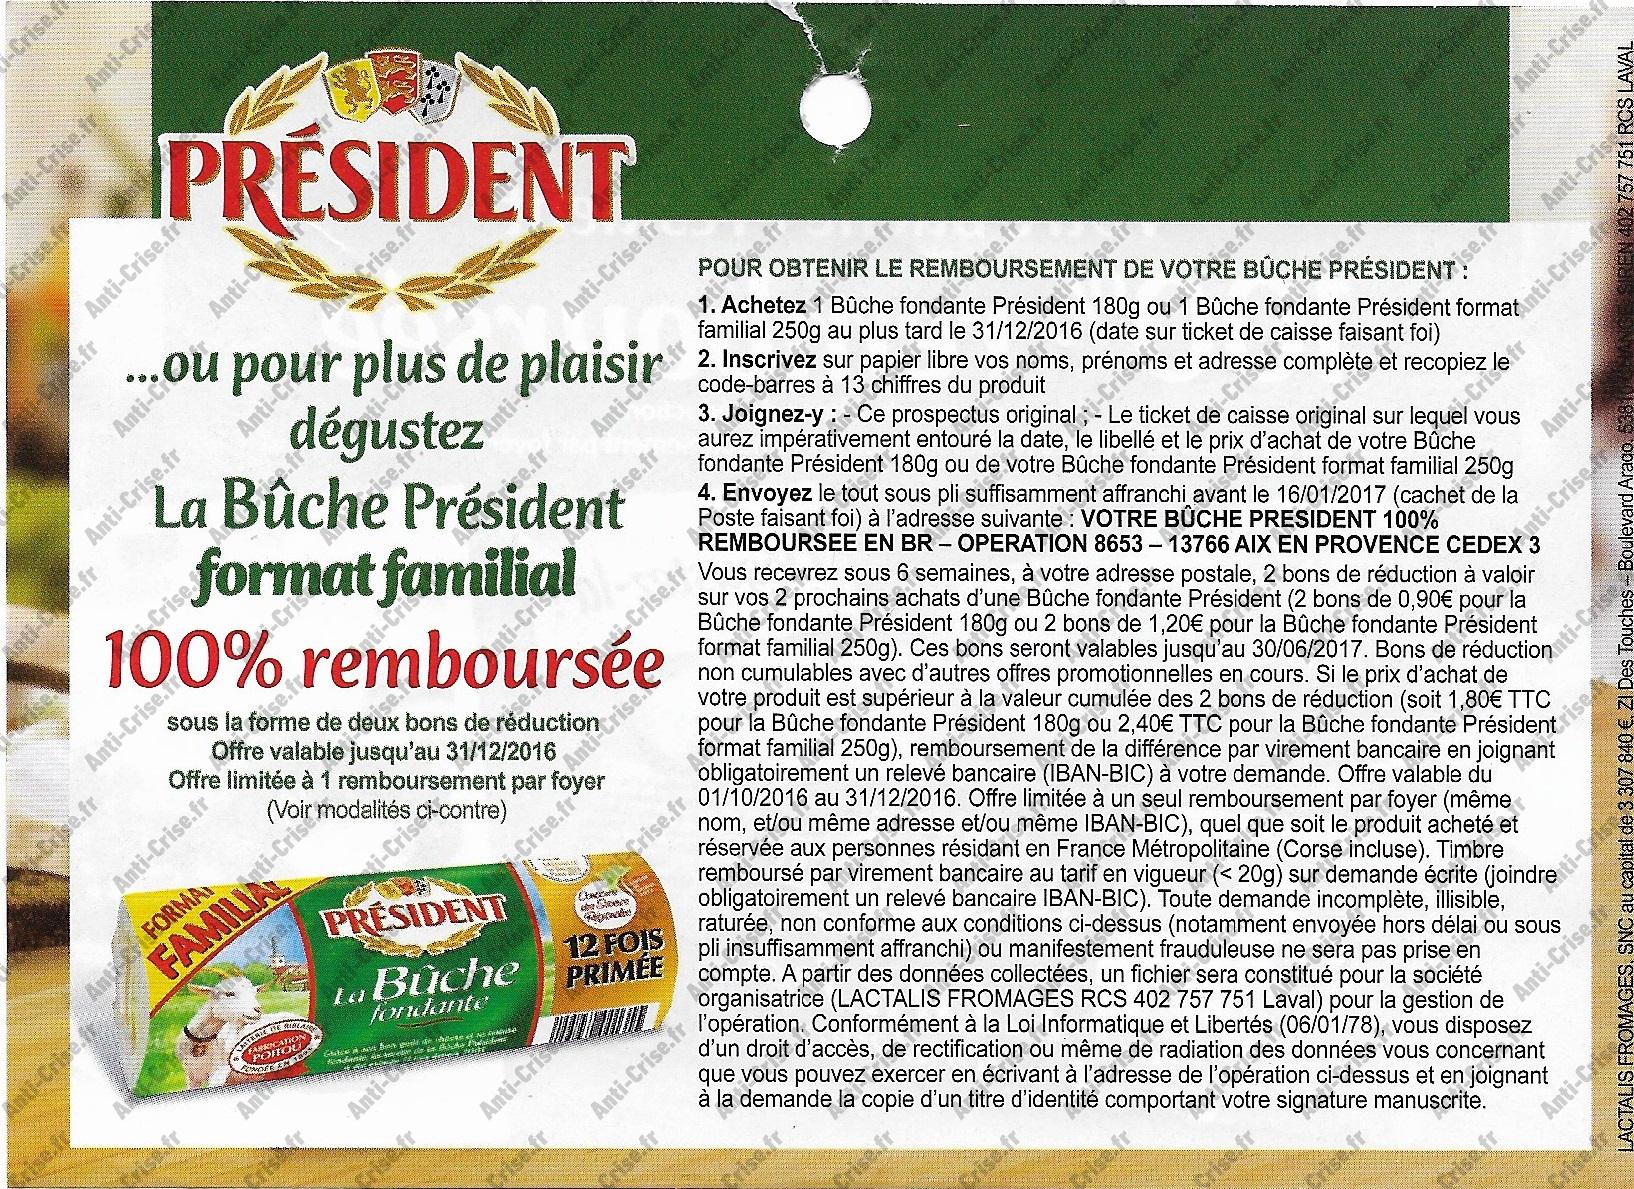 Offre de Remboursement Président : Bûche de Chèvre 100% Remboursée en 2 Bons - anti-crise.fr